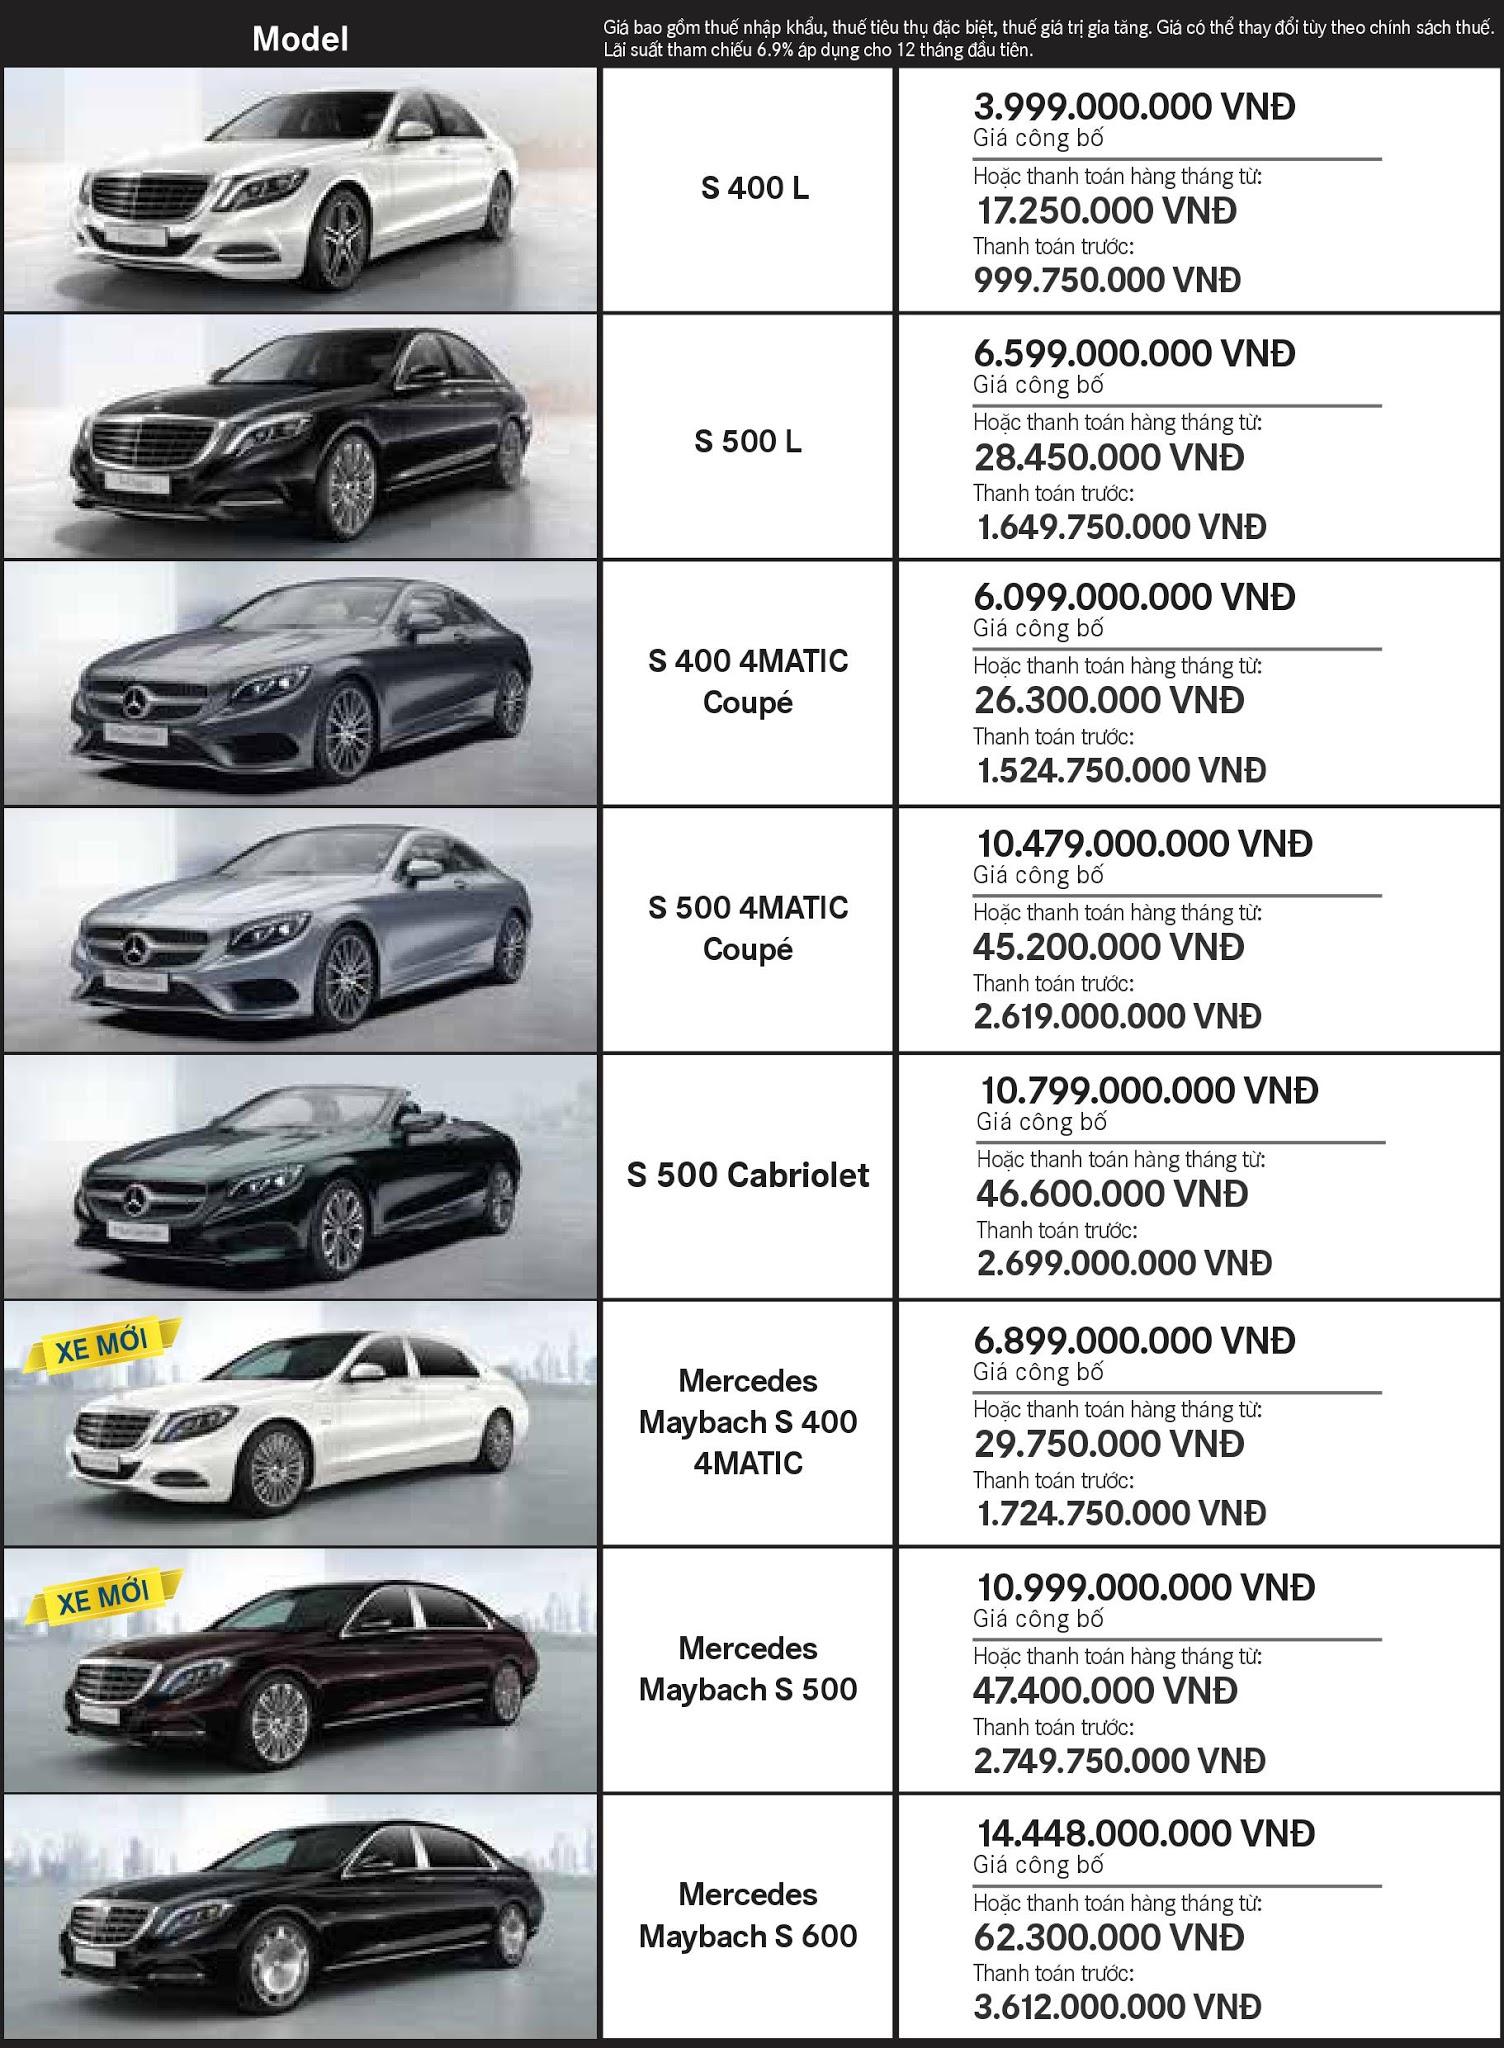 Bảng giá xe Mercedes tháng 9 tại Mercedes Trường Chinh